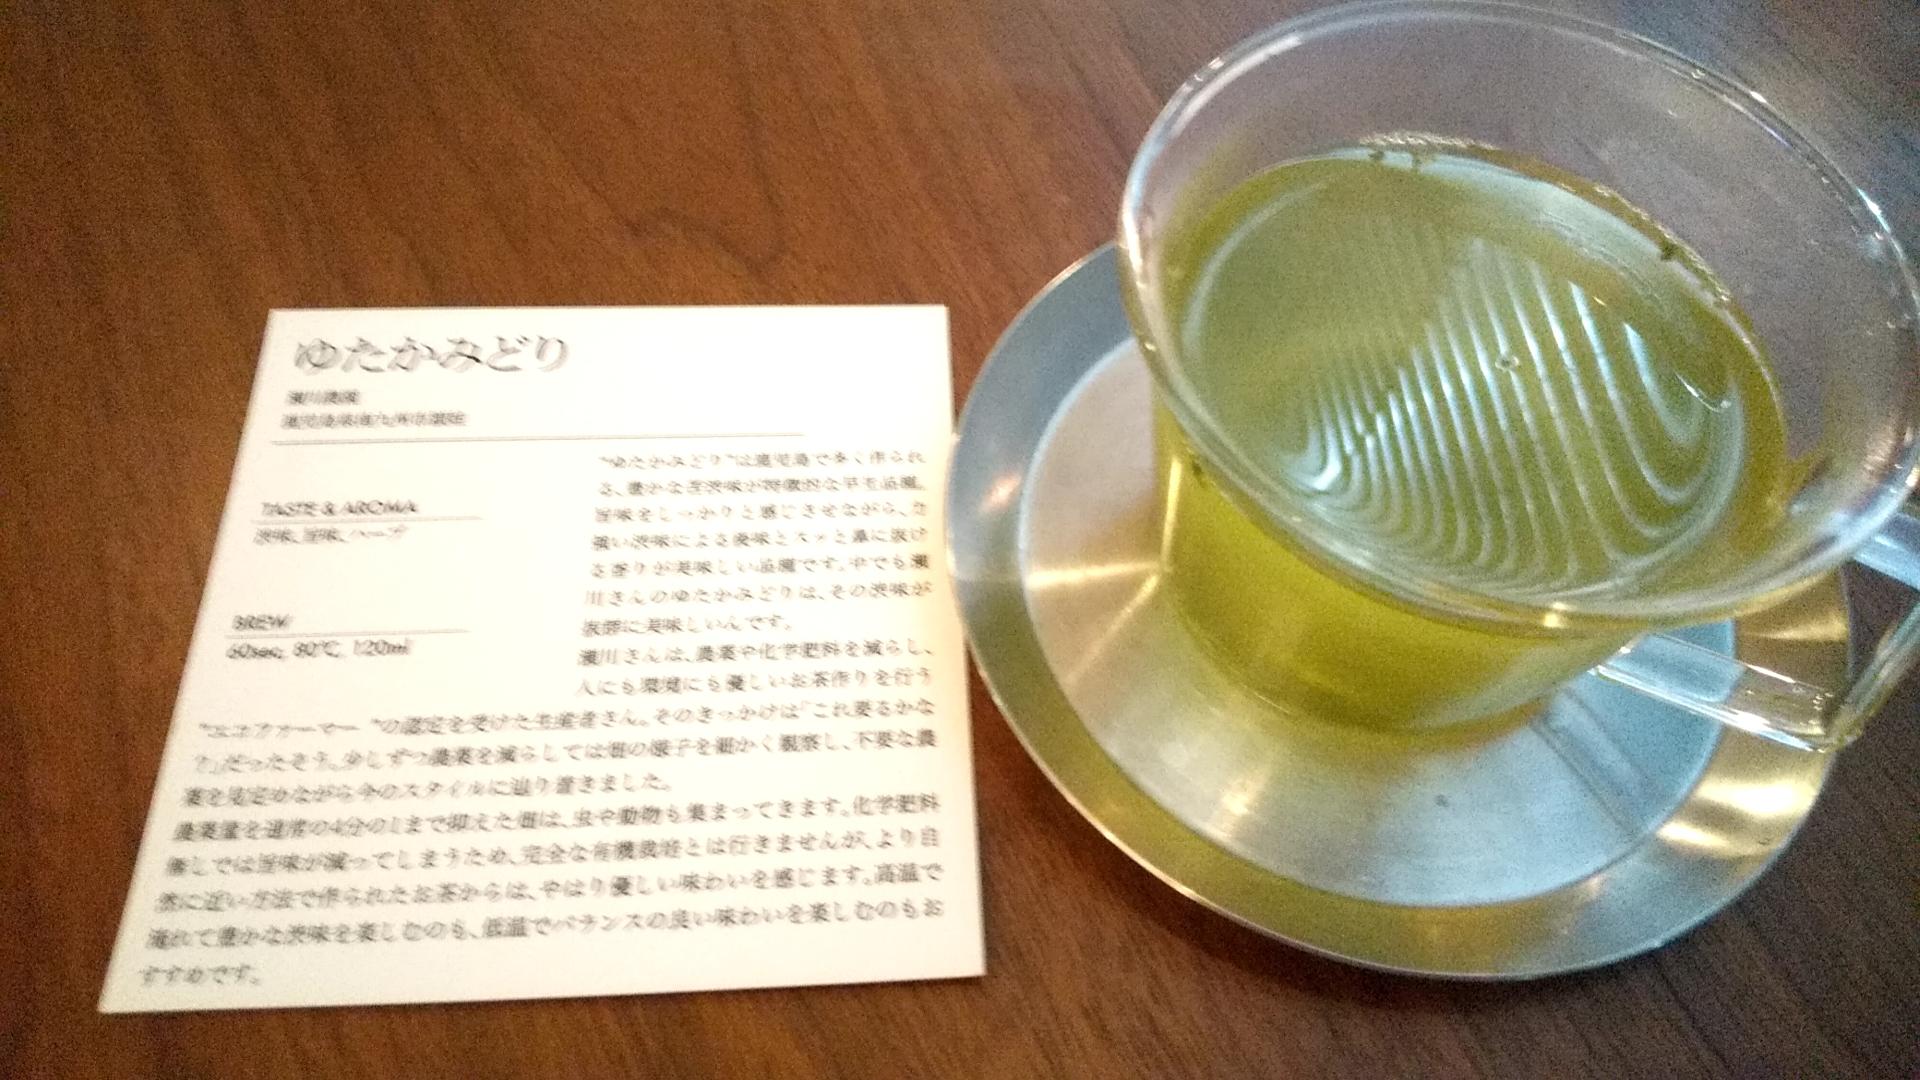 緑茶 ゆたかみどり